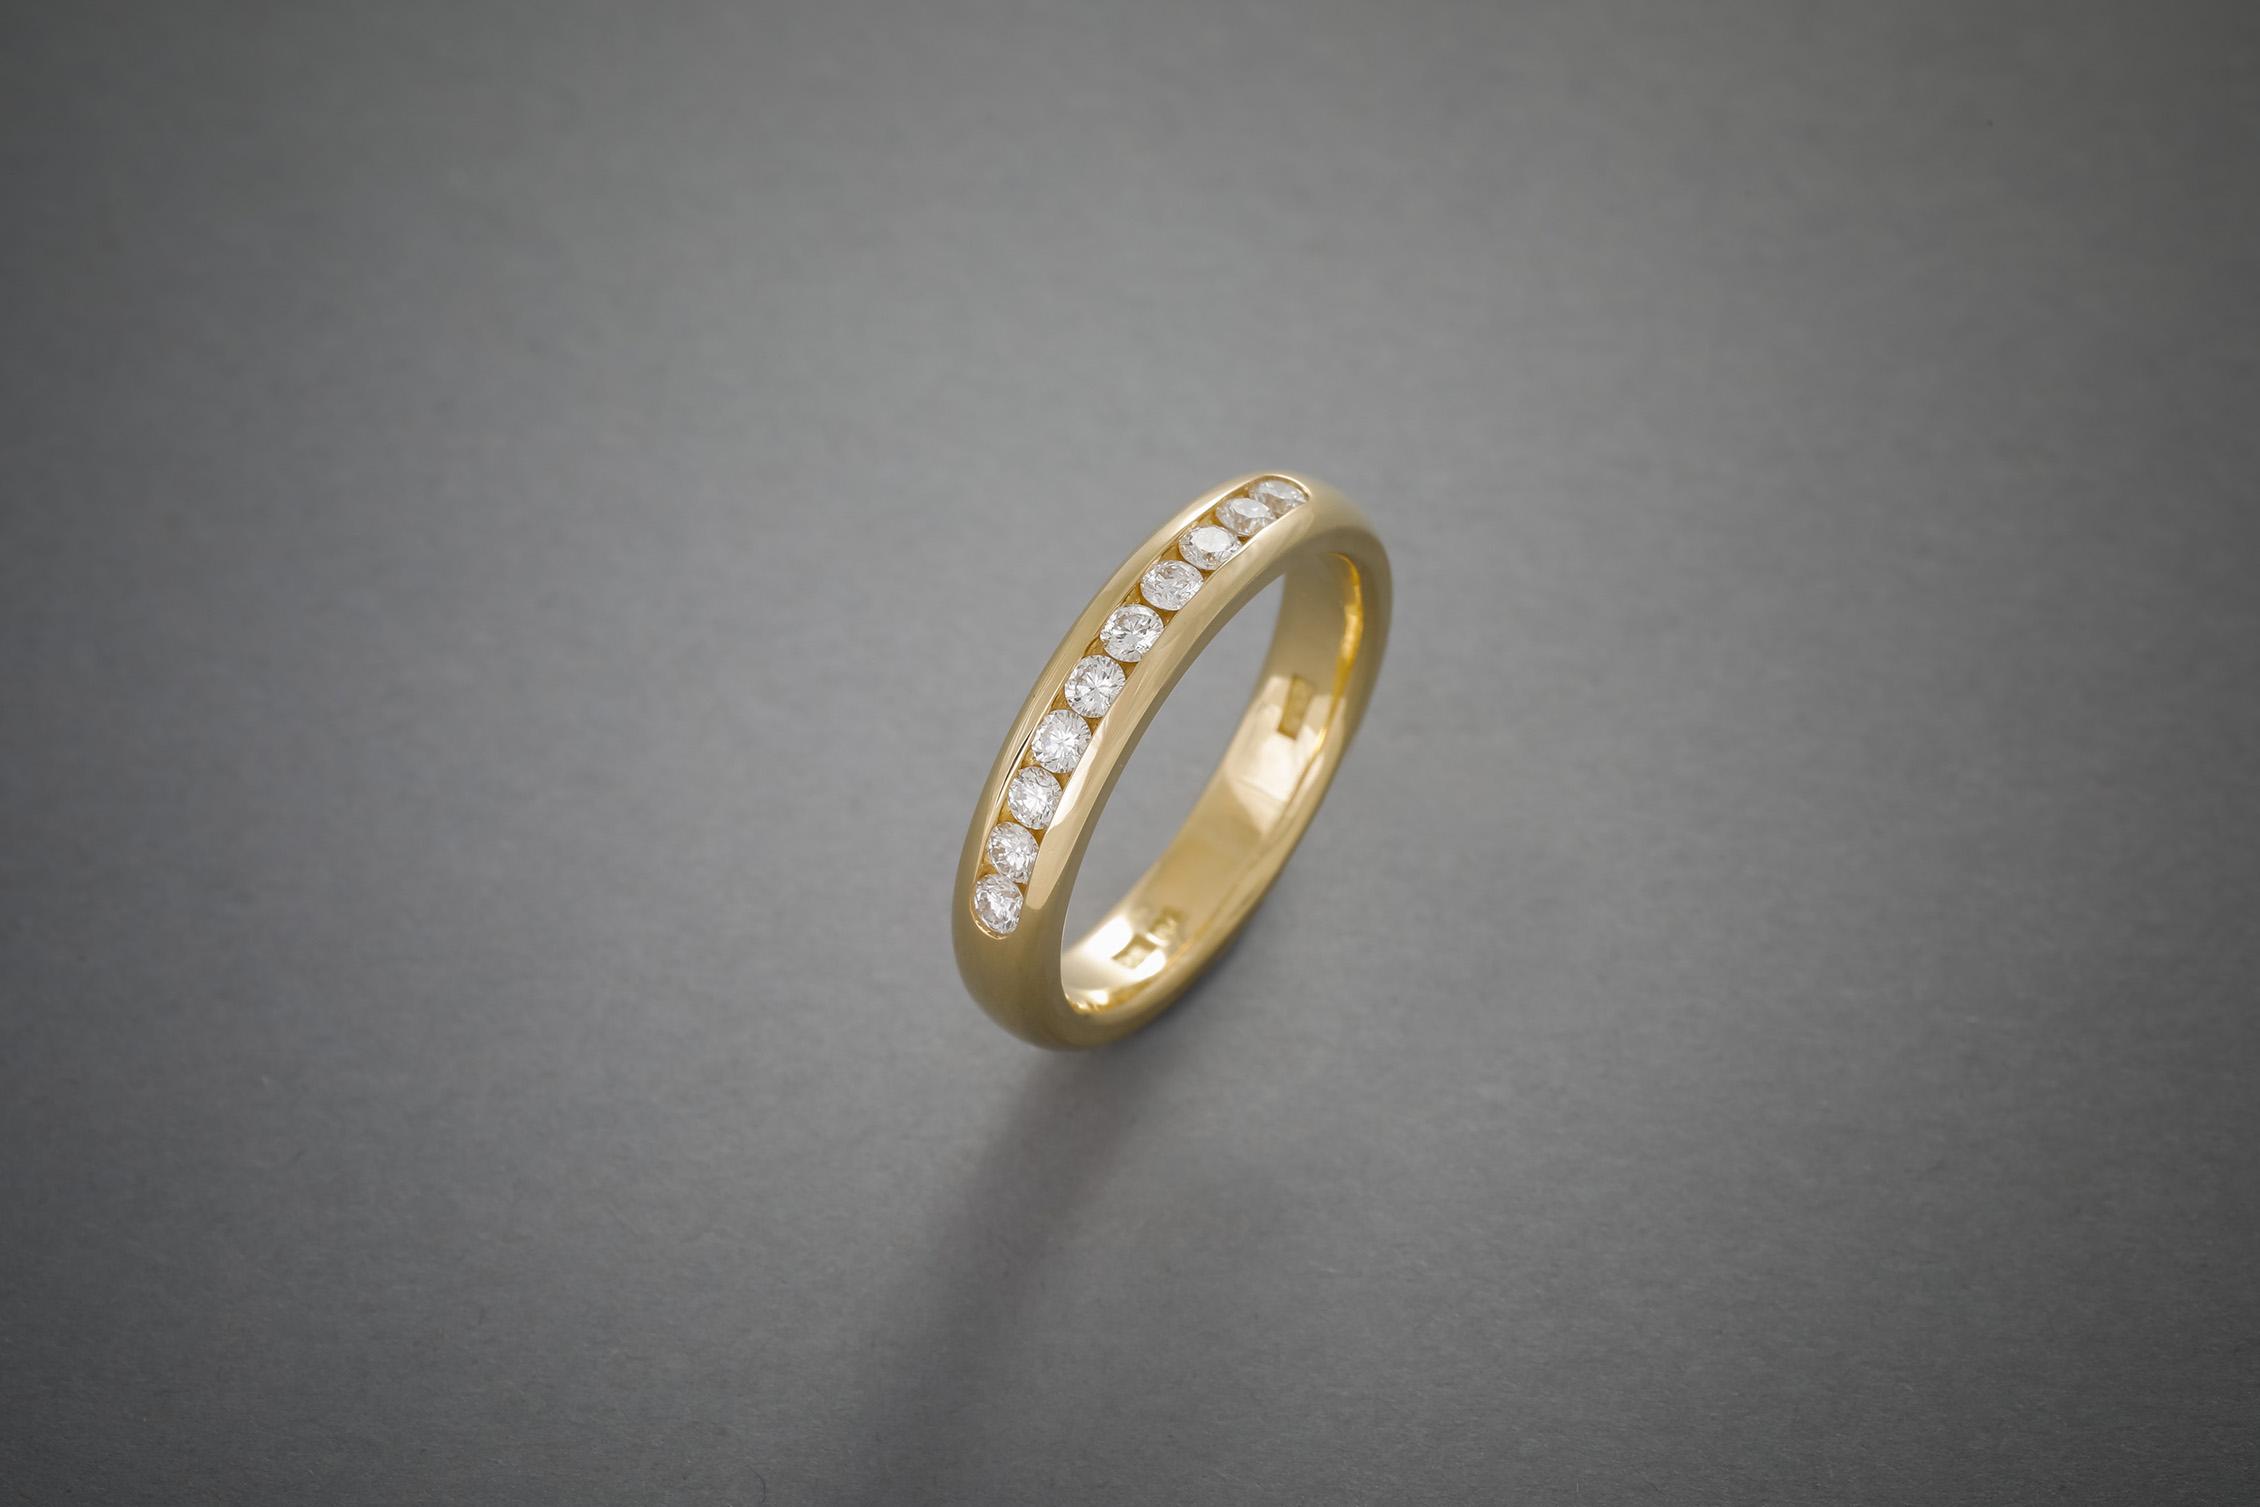 043 18kt Goldring, Brillantreihe, Preis auf Anfrage